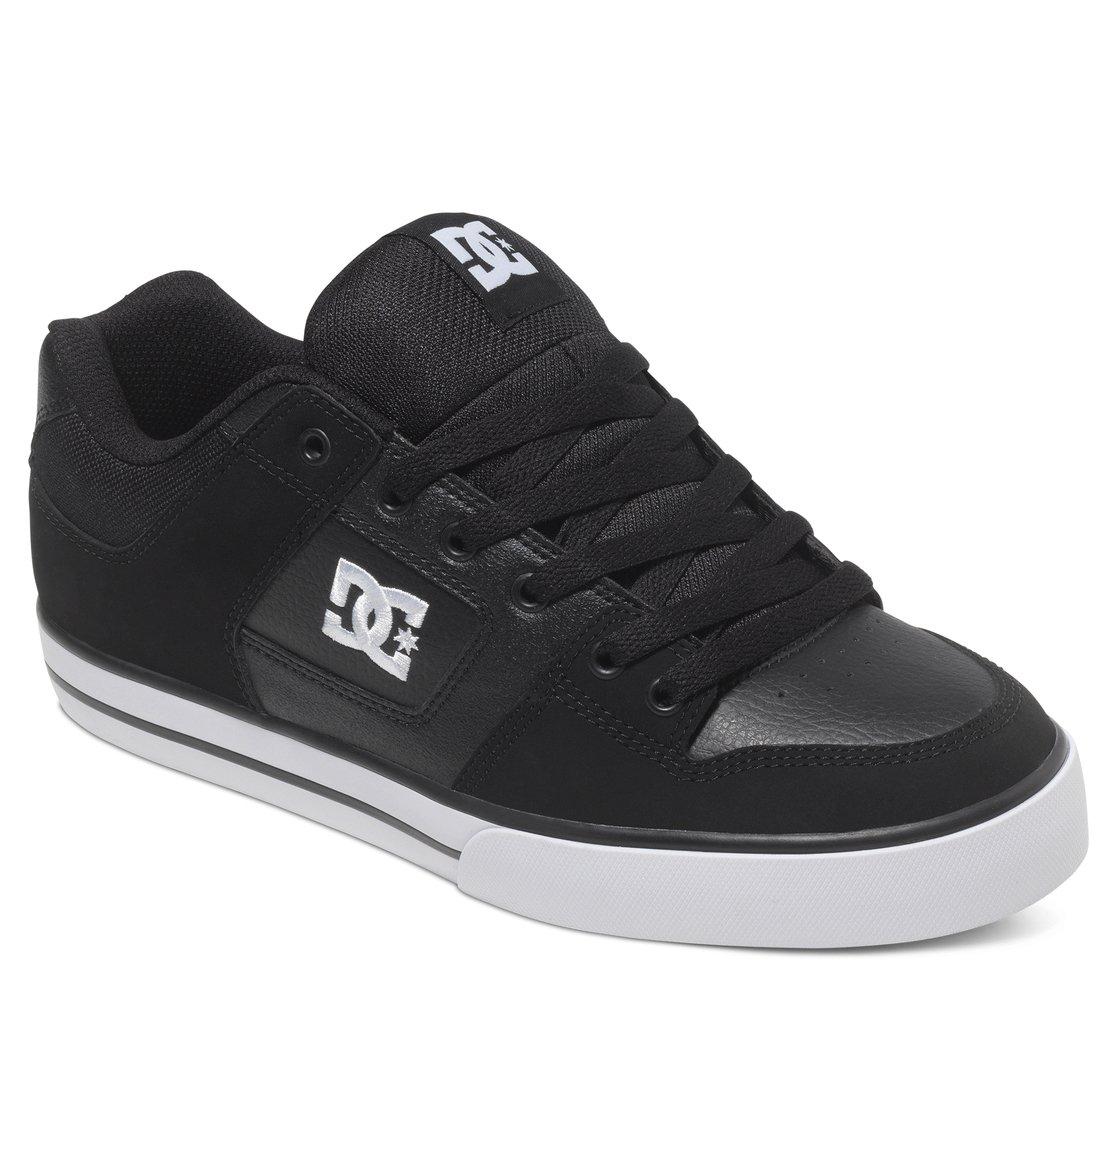 men 39 s pure shoes 888327403595 dc shoes. Black Bedroom Furniture Sets. Home Design Ideas